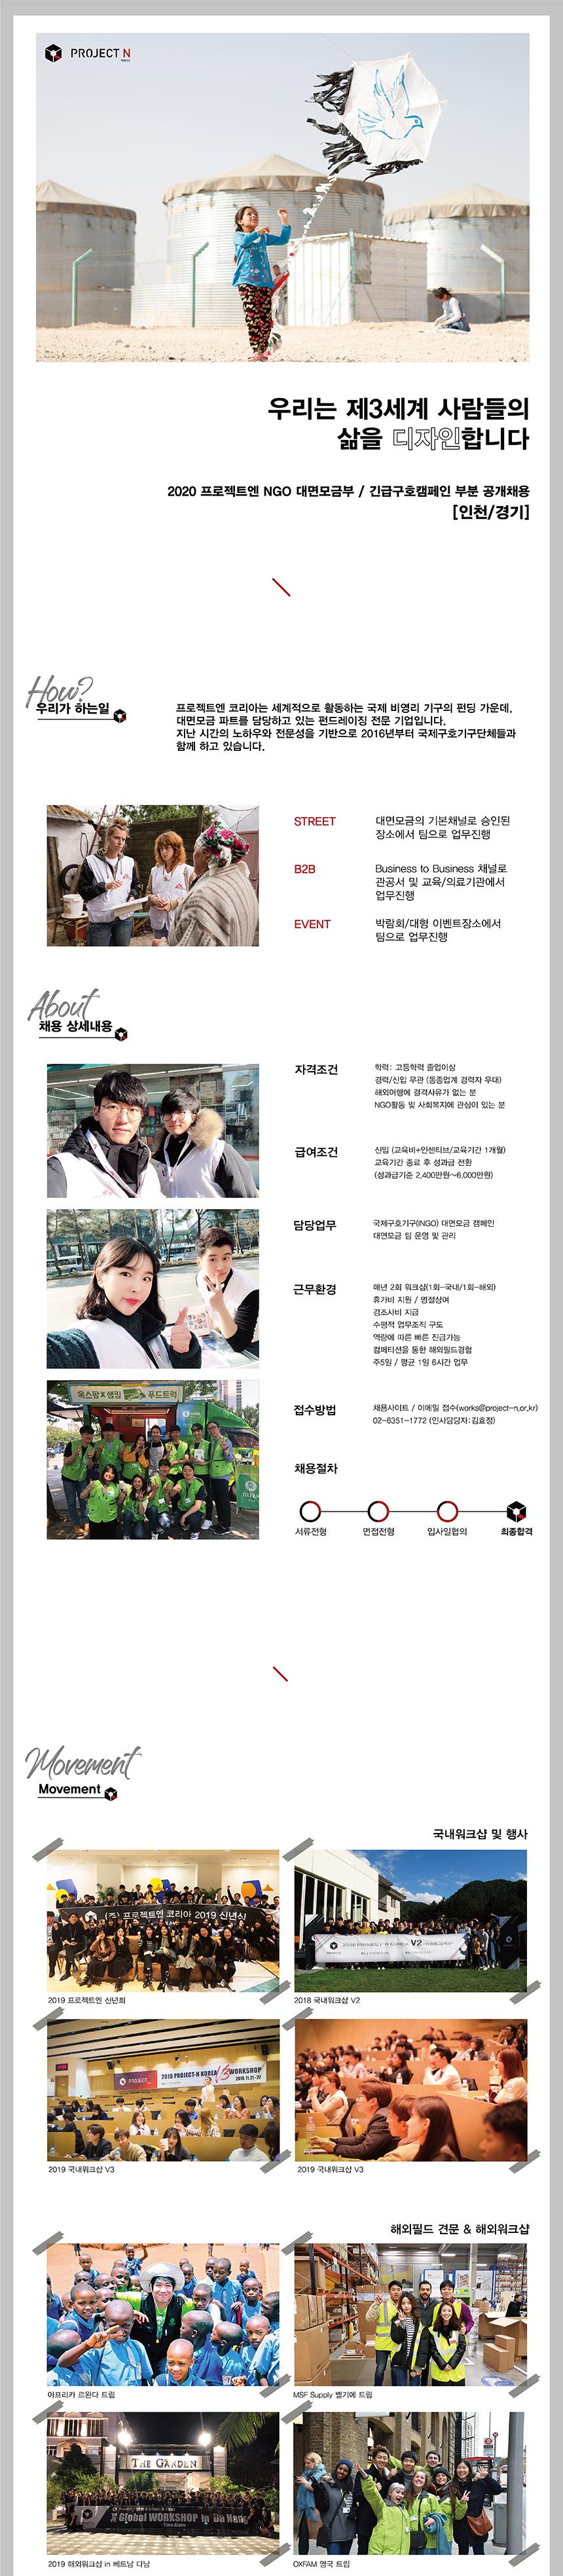 [인천/경기] 국제 NGO 대면모금부 / 긴급구호캠페인 부분 공개채용